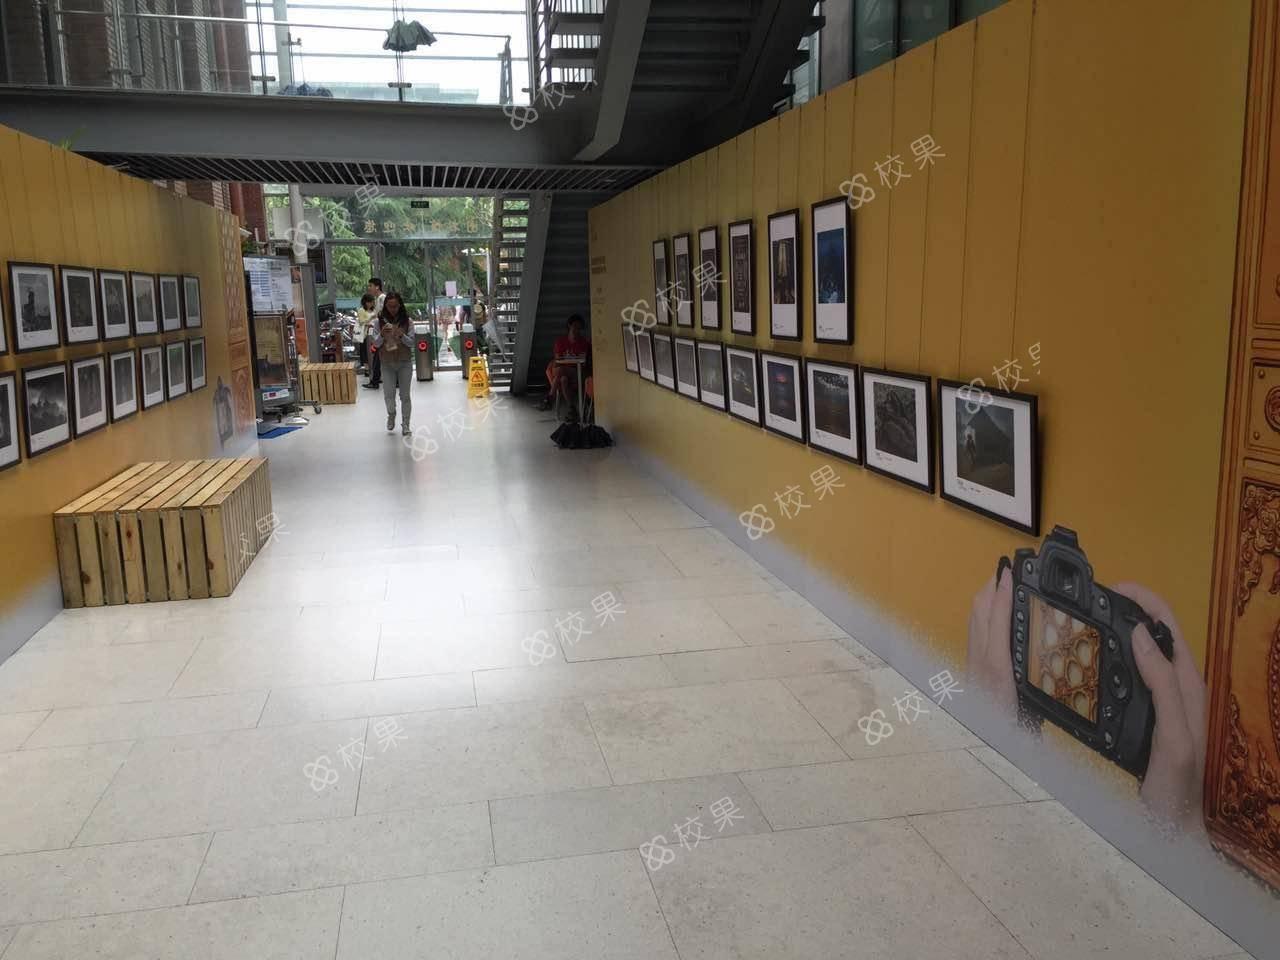 校果-同济大学室内展览场地--图书馆文化走廊